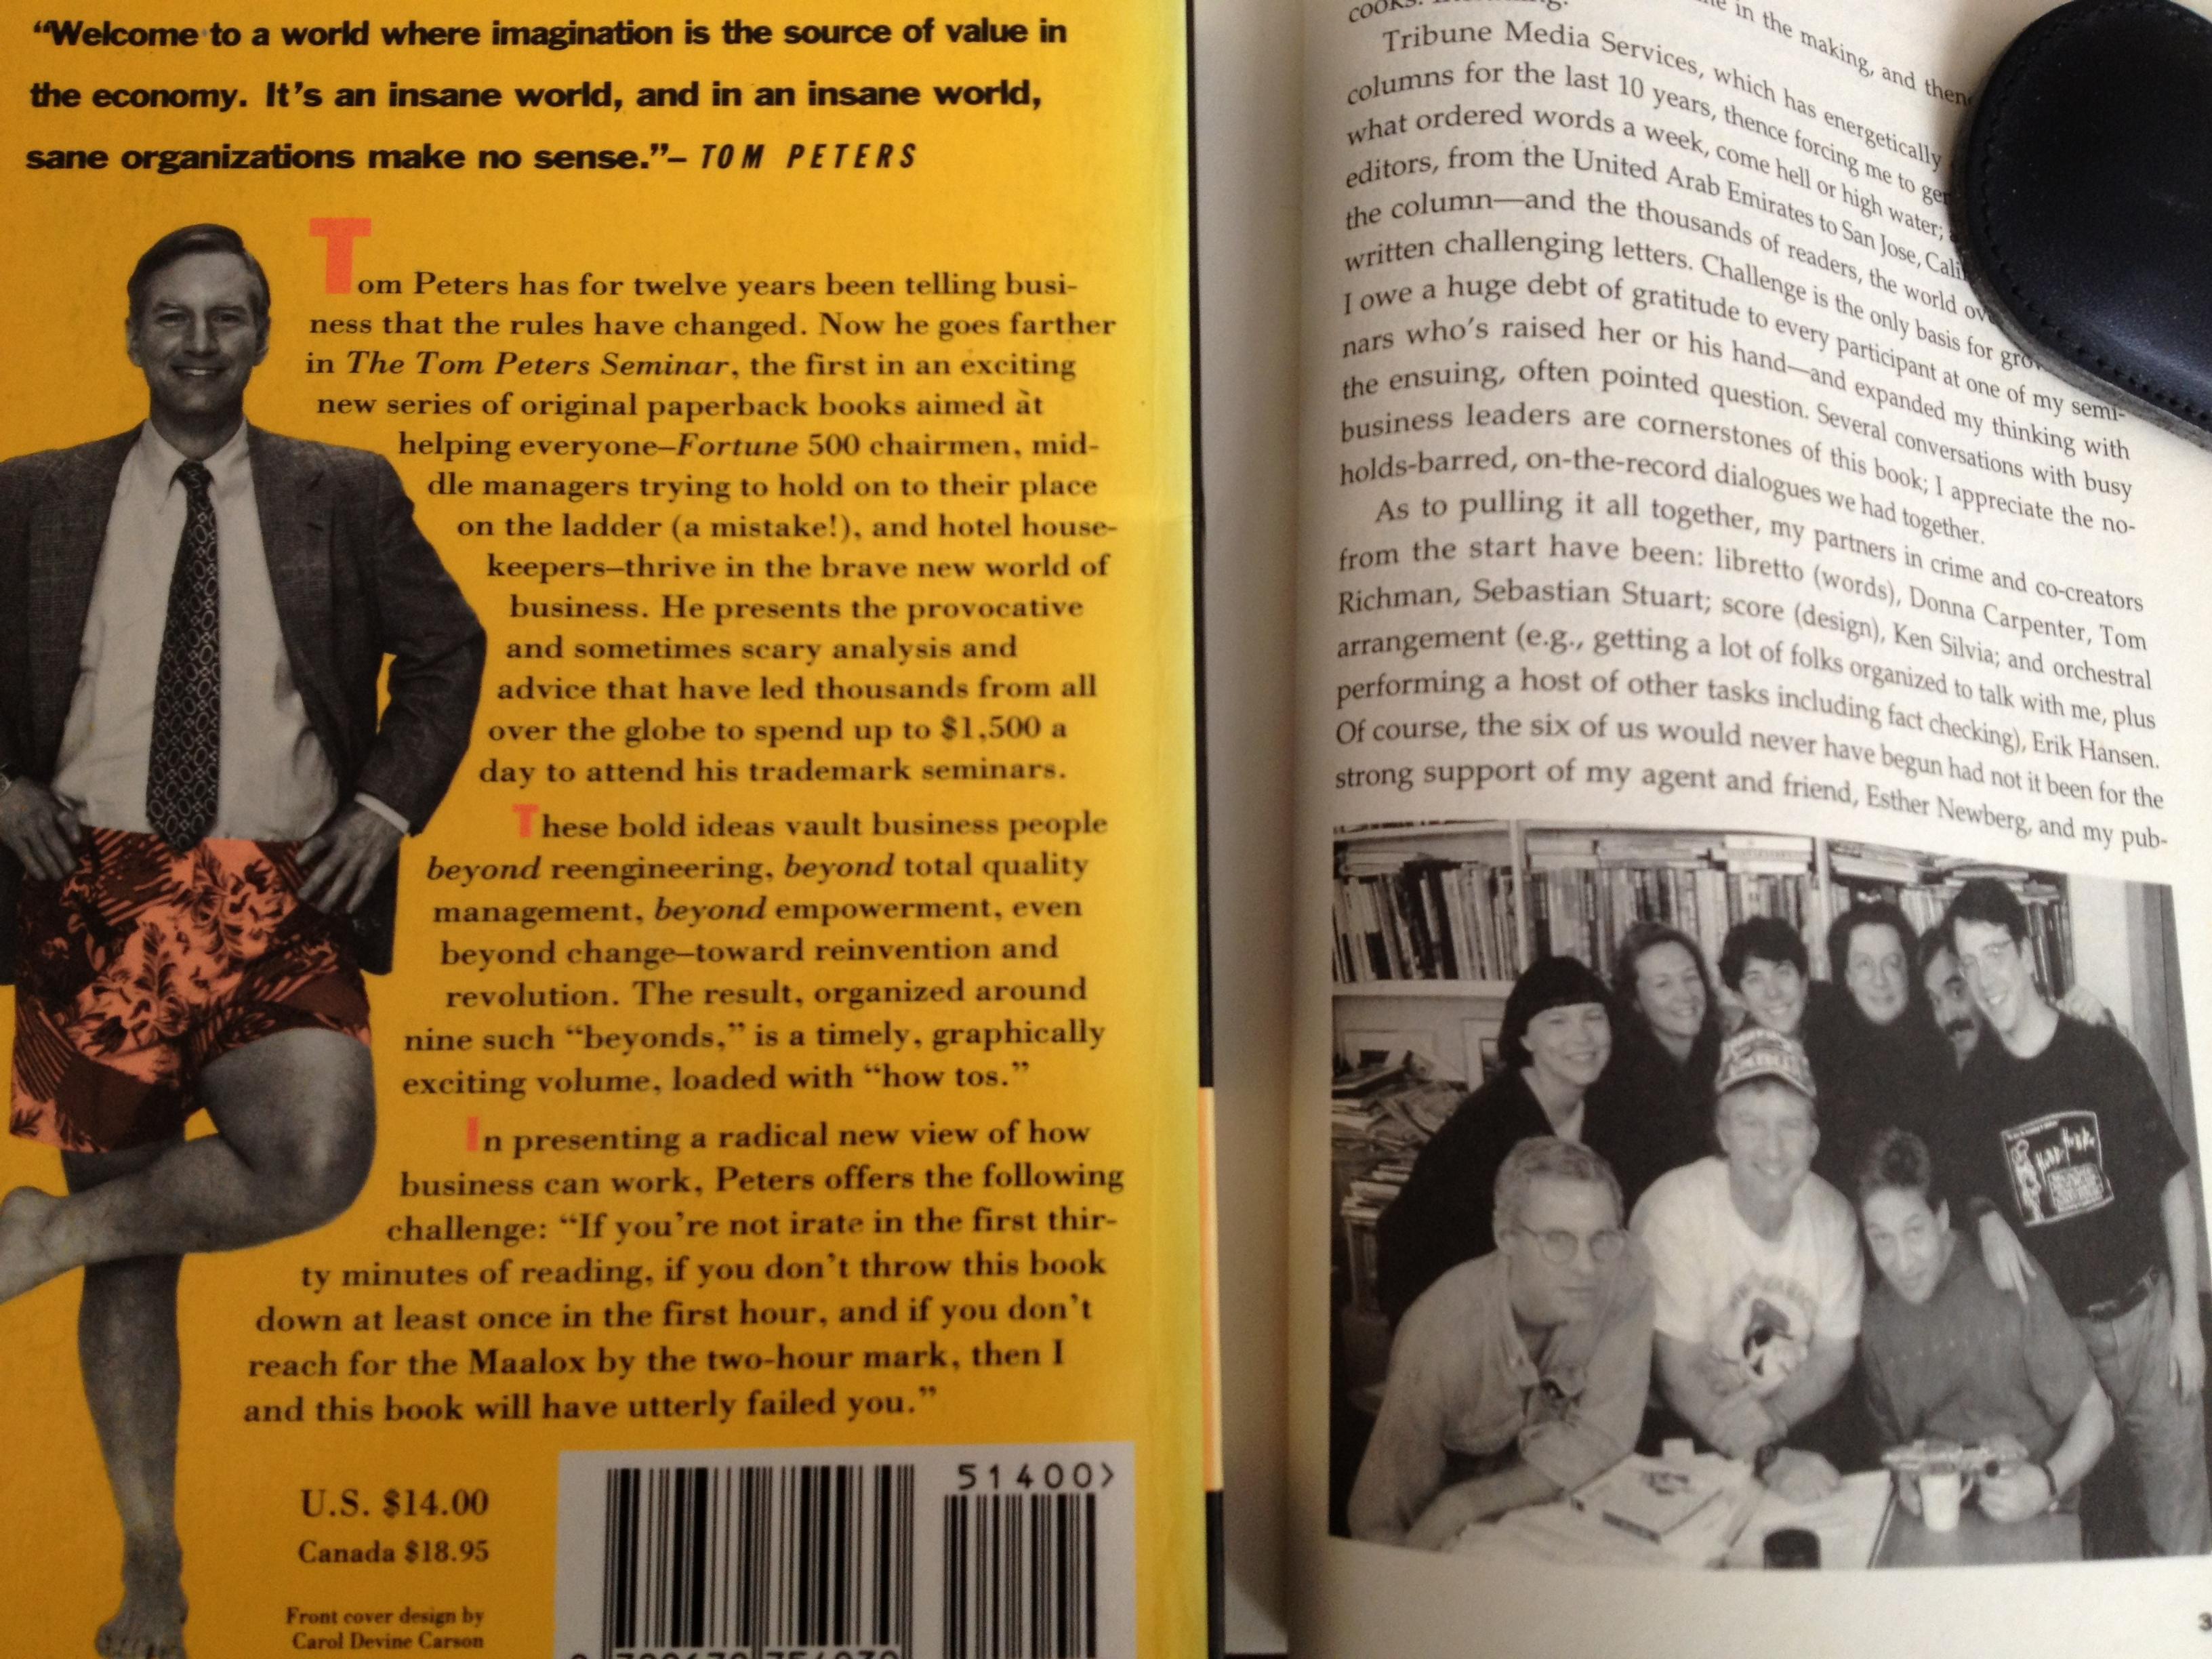 いずれも1995年7月25日、ワイキキのWalden Booksで買いました